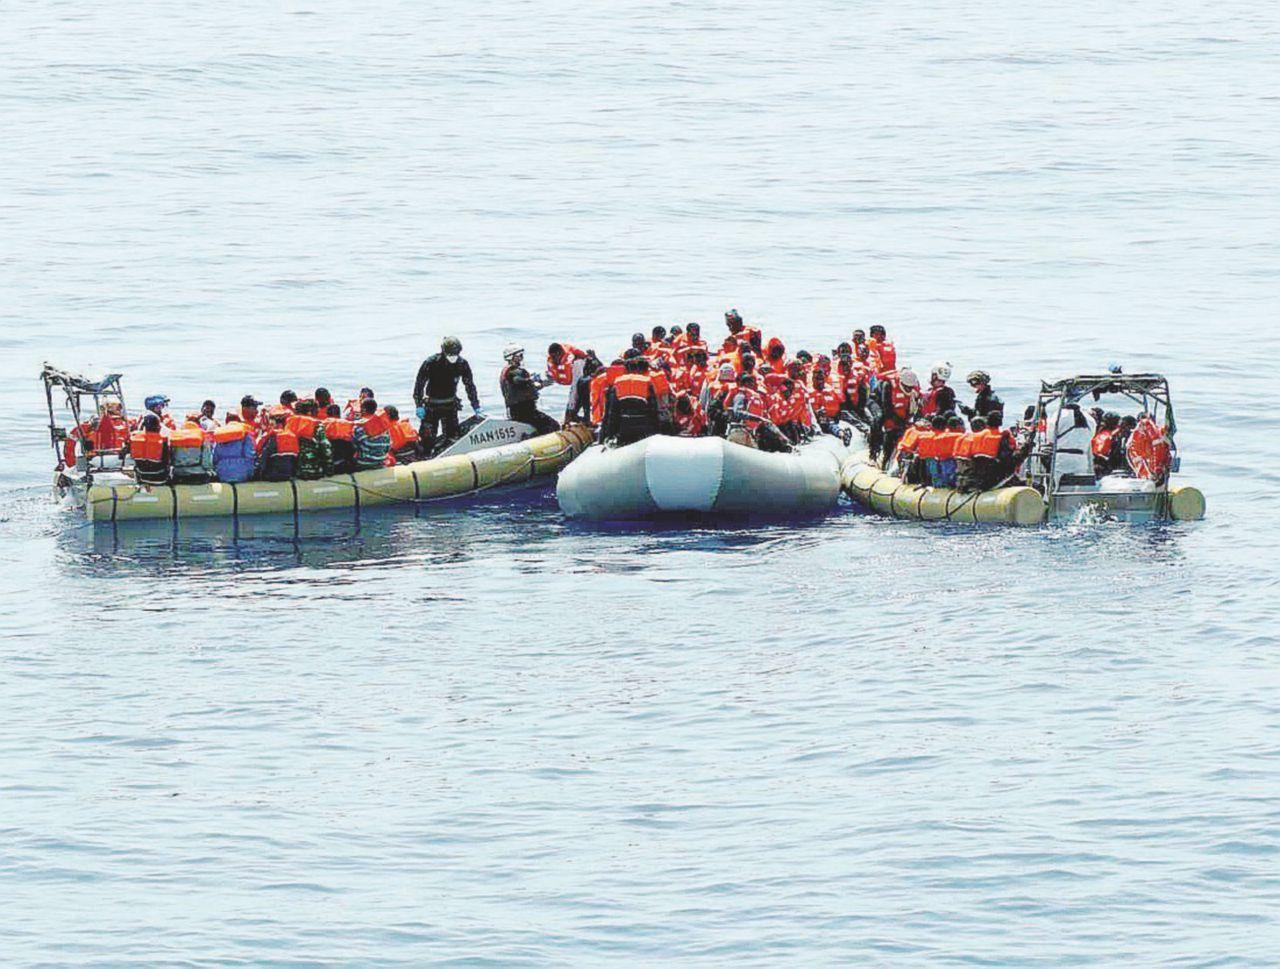 Il paravento dell'emergenza che fa annegare l'Europa